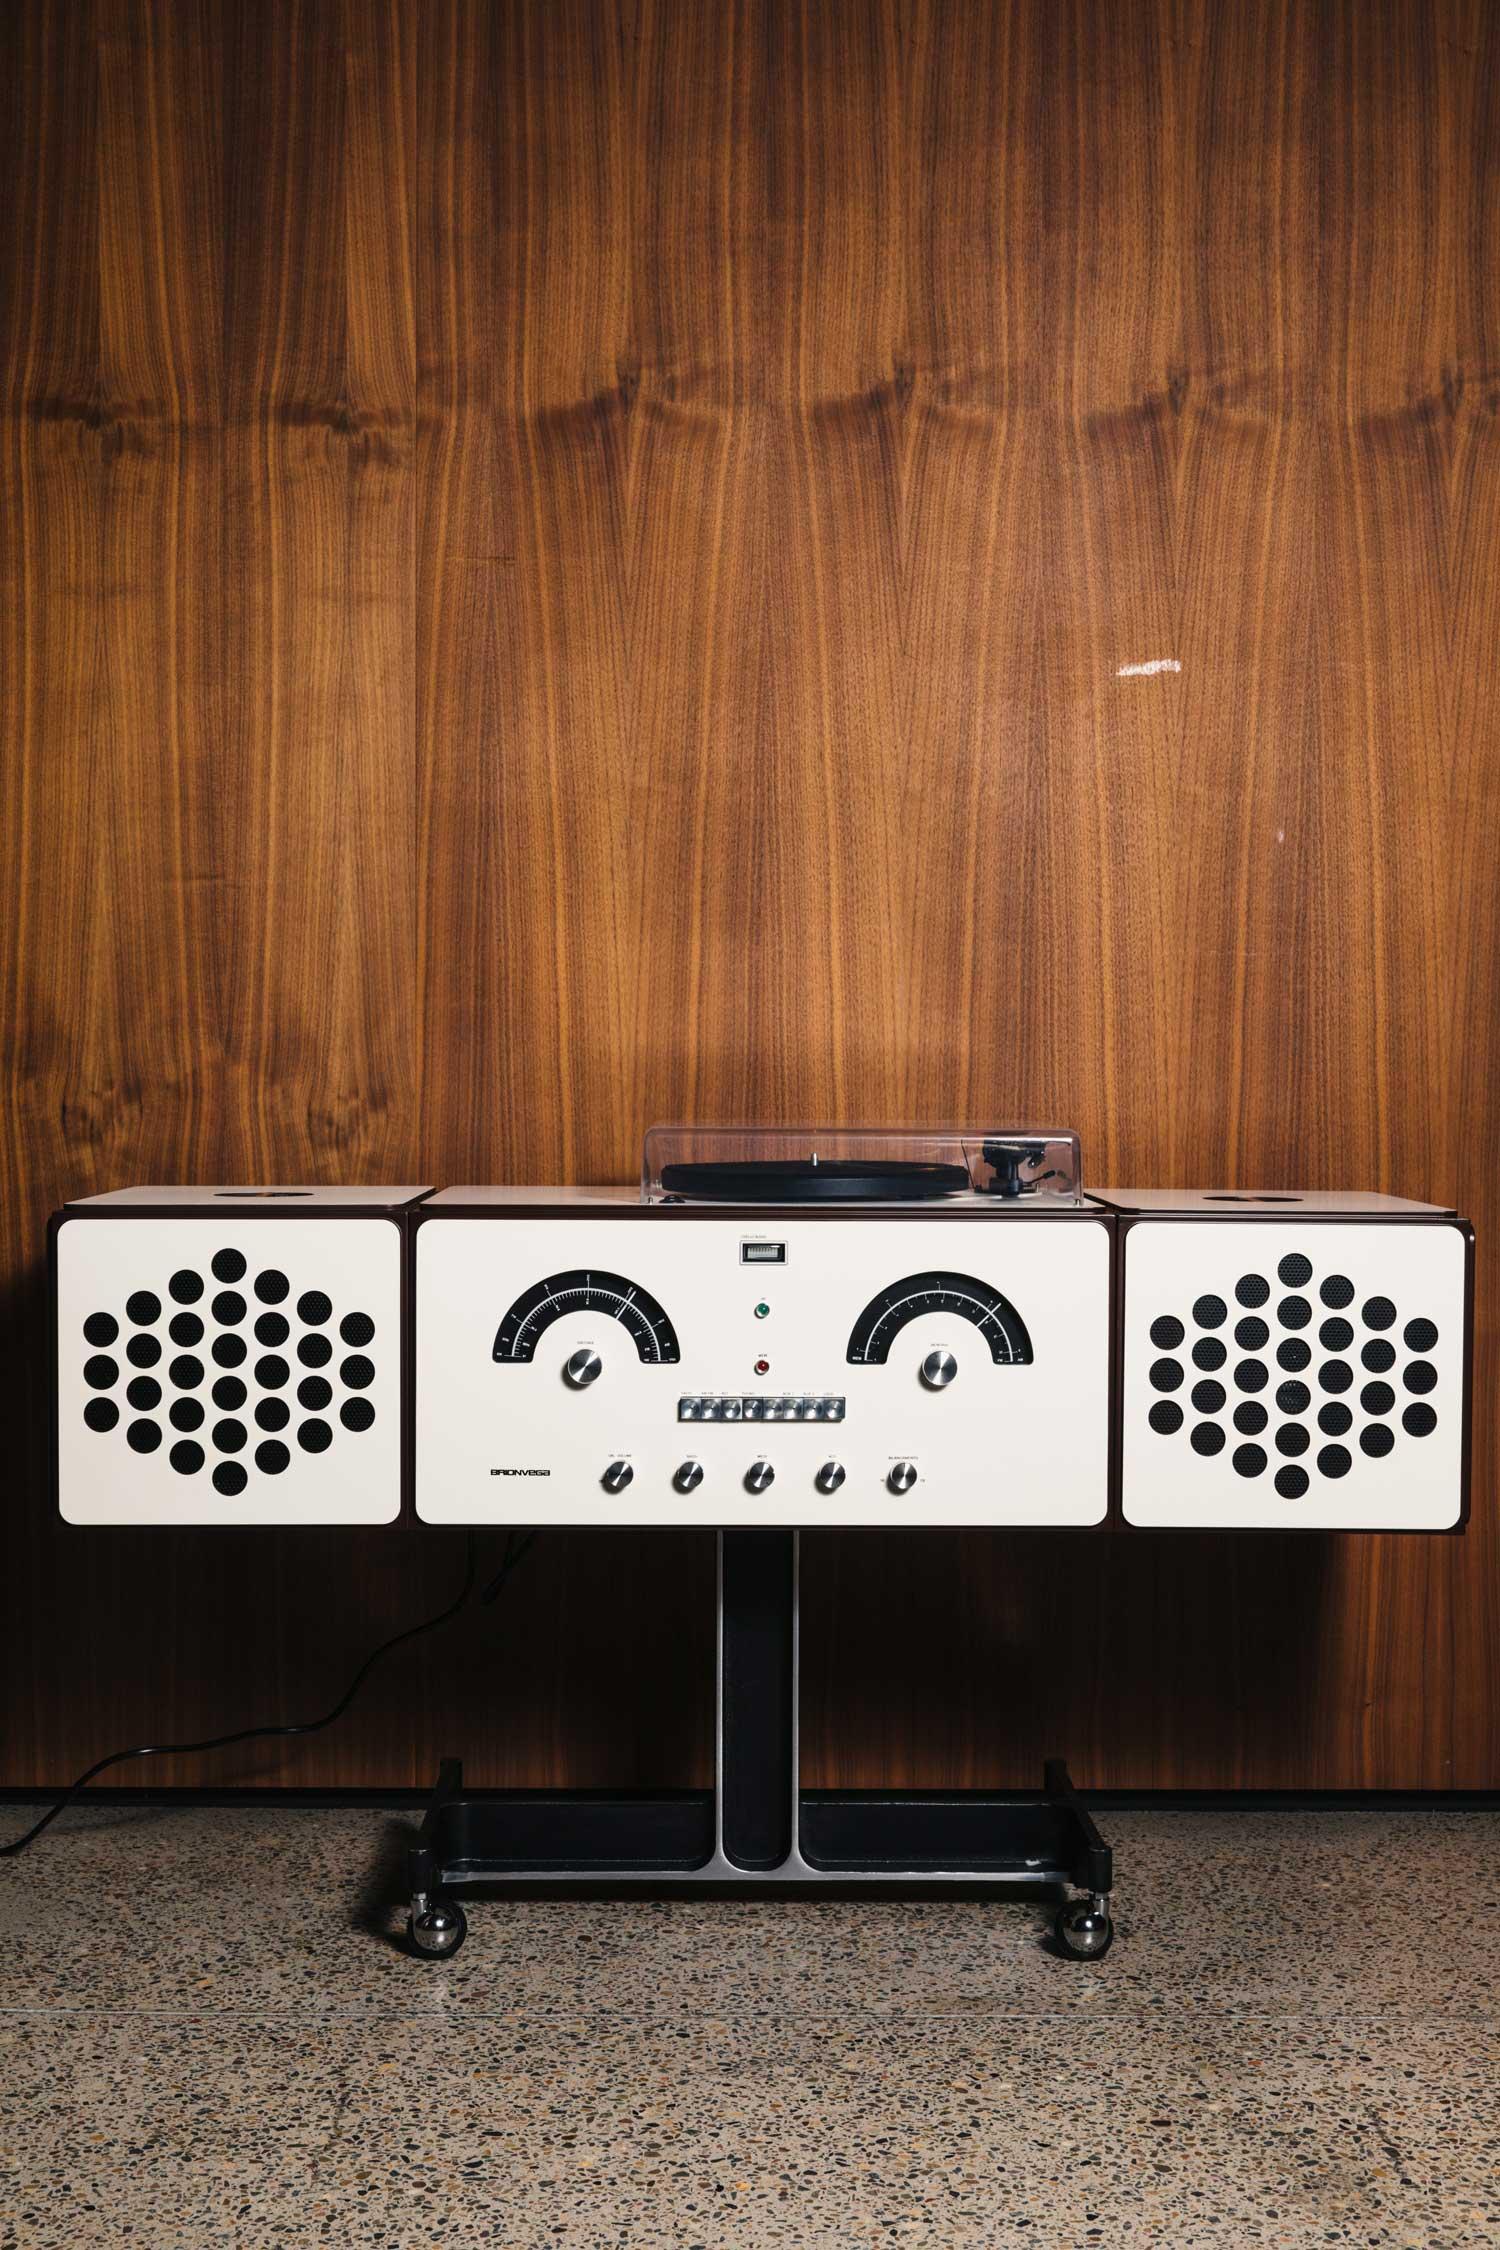 Brionvega RR126 Radiofonografo (limited Edition) designed by Achille Castiglioni | Yellowtrace